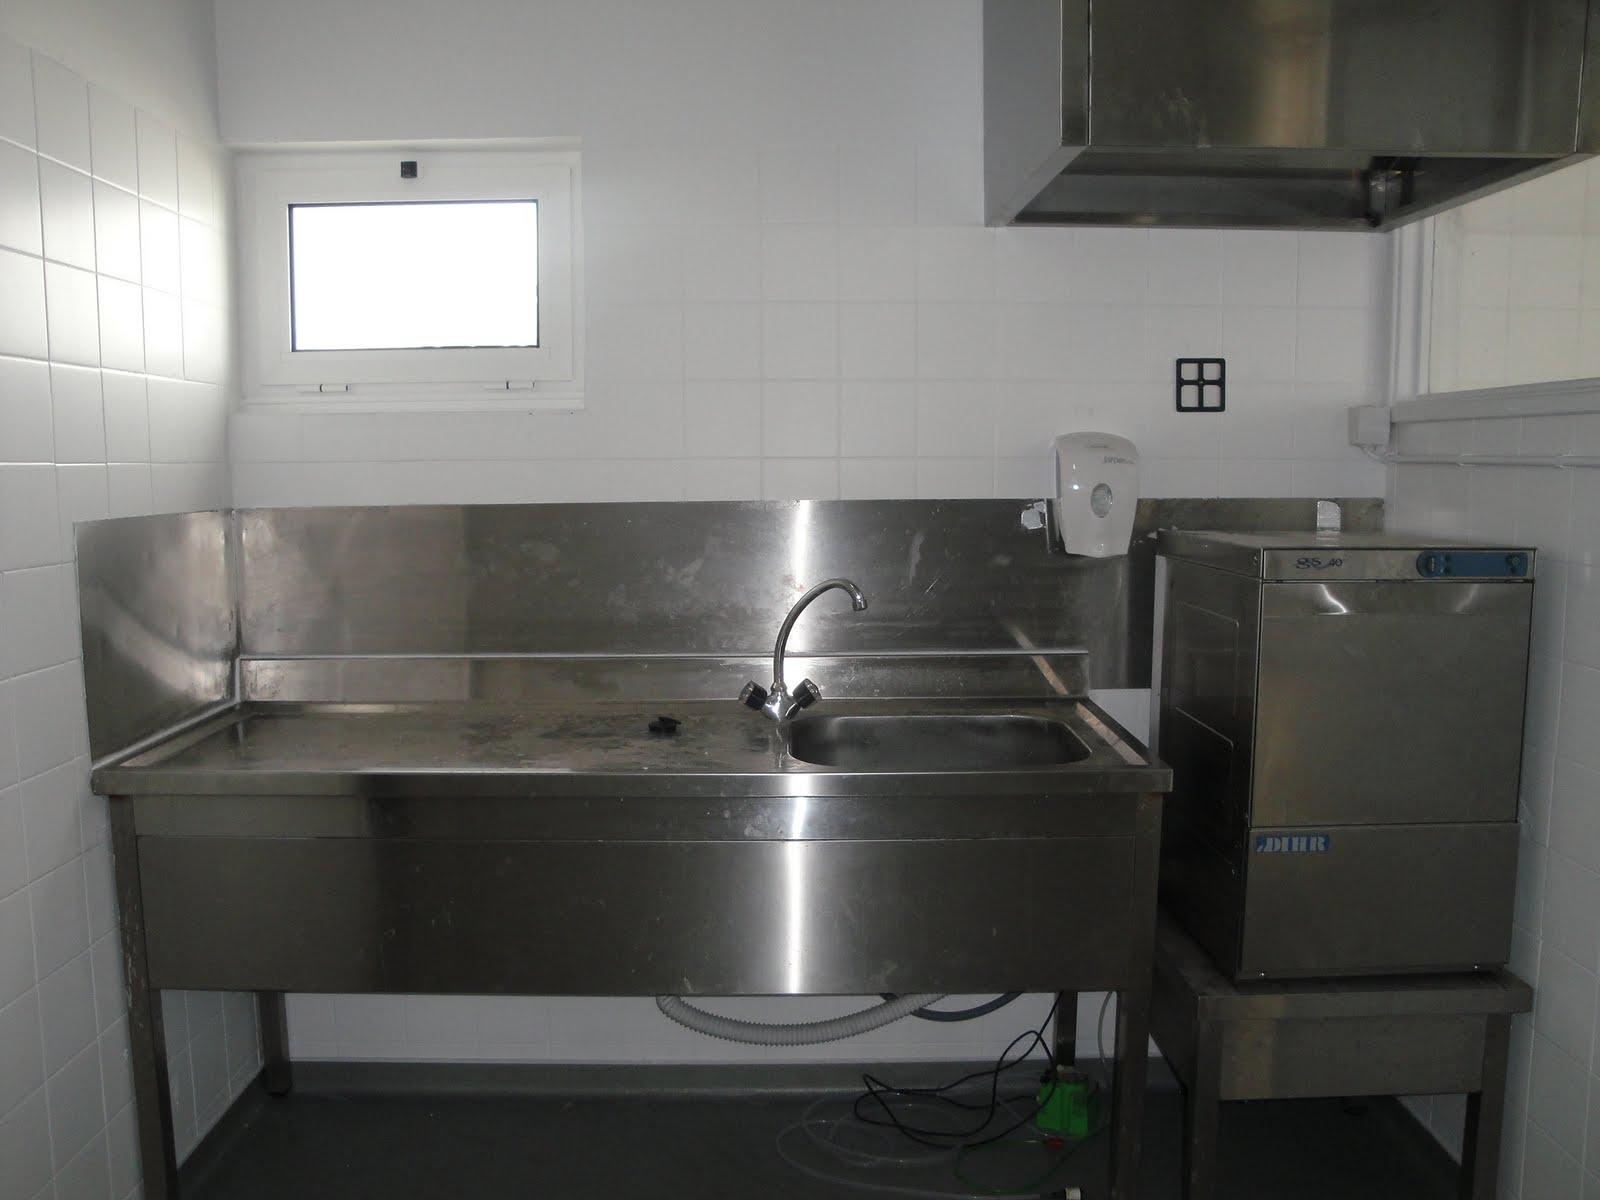 loiça. Janela substituída. Máquina de lavar loiça semi industrial #575348 1600 1200